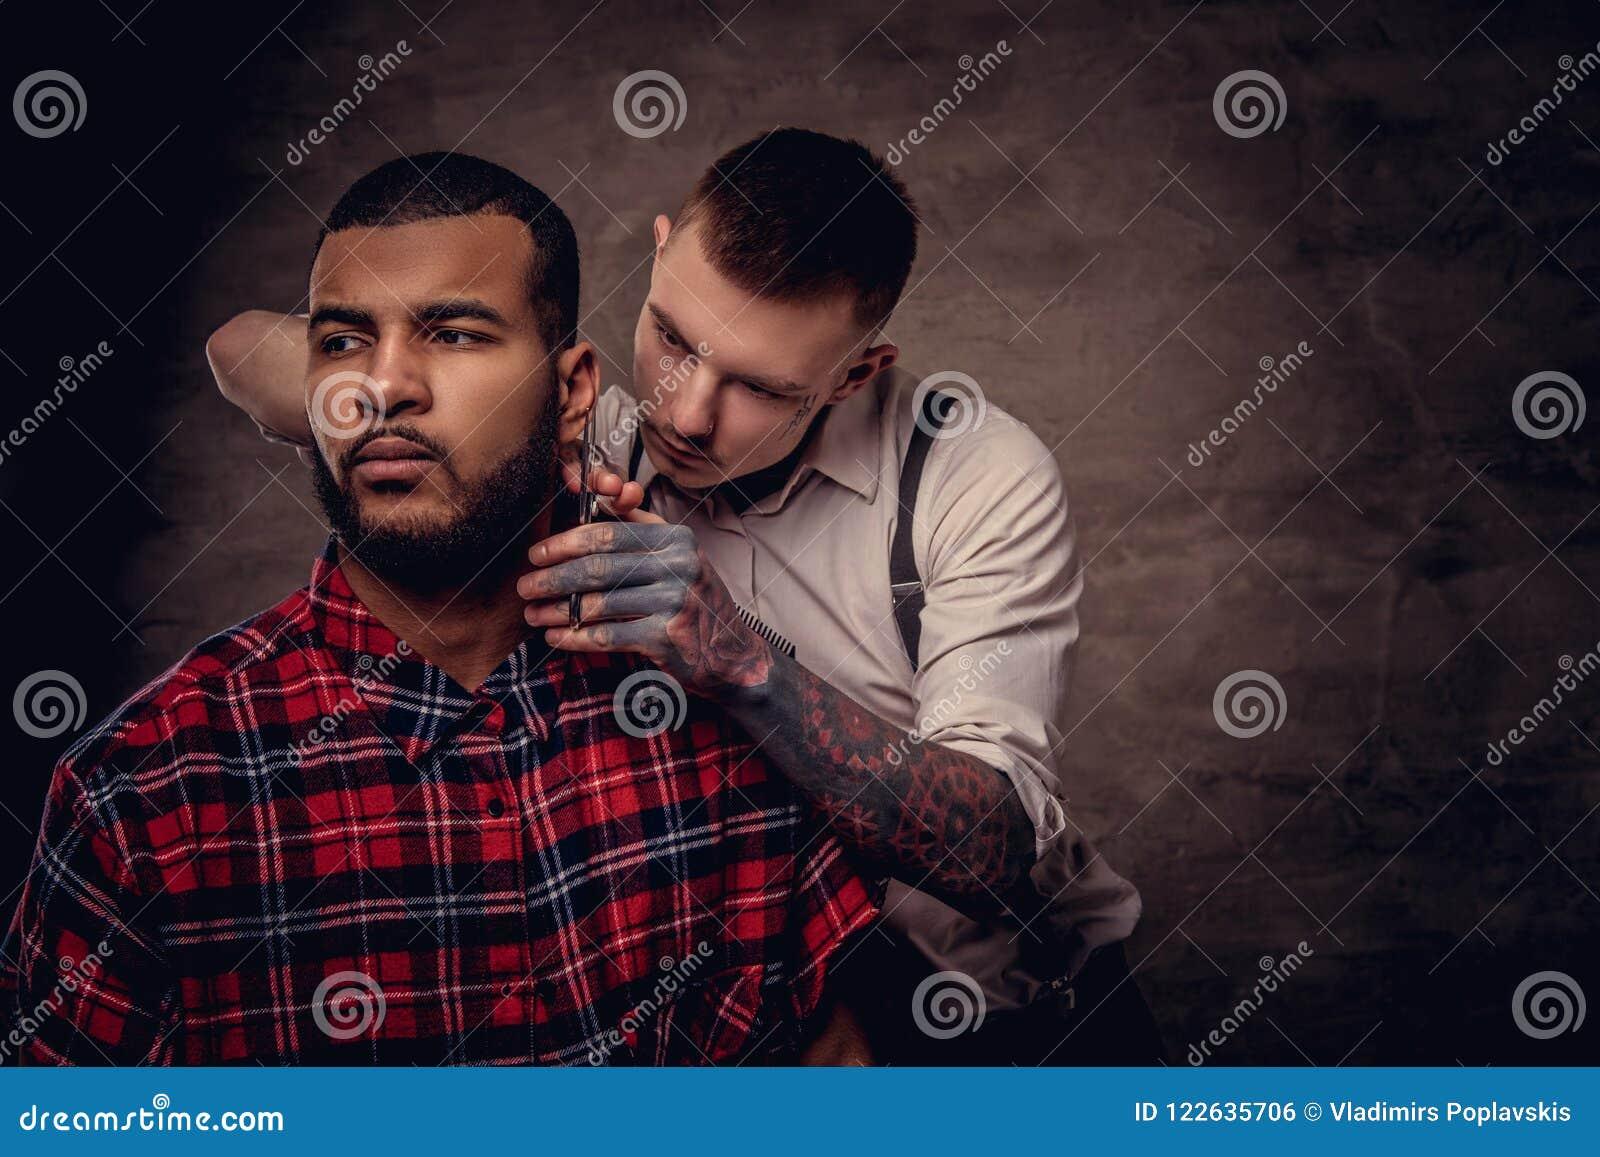 Il parrucchiere tatuato professionista antiquato fa un taglio di capelli ad un cliente afroamericano su buio strutturato